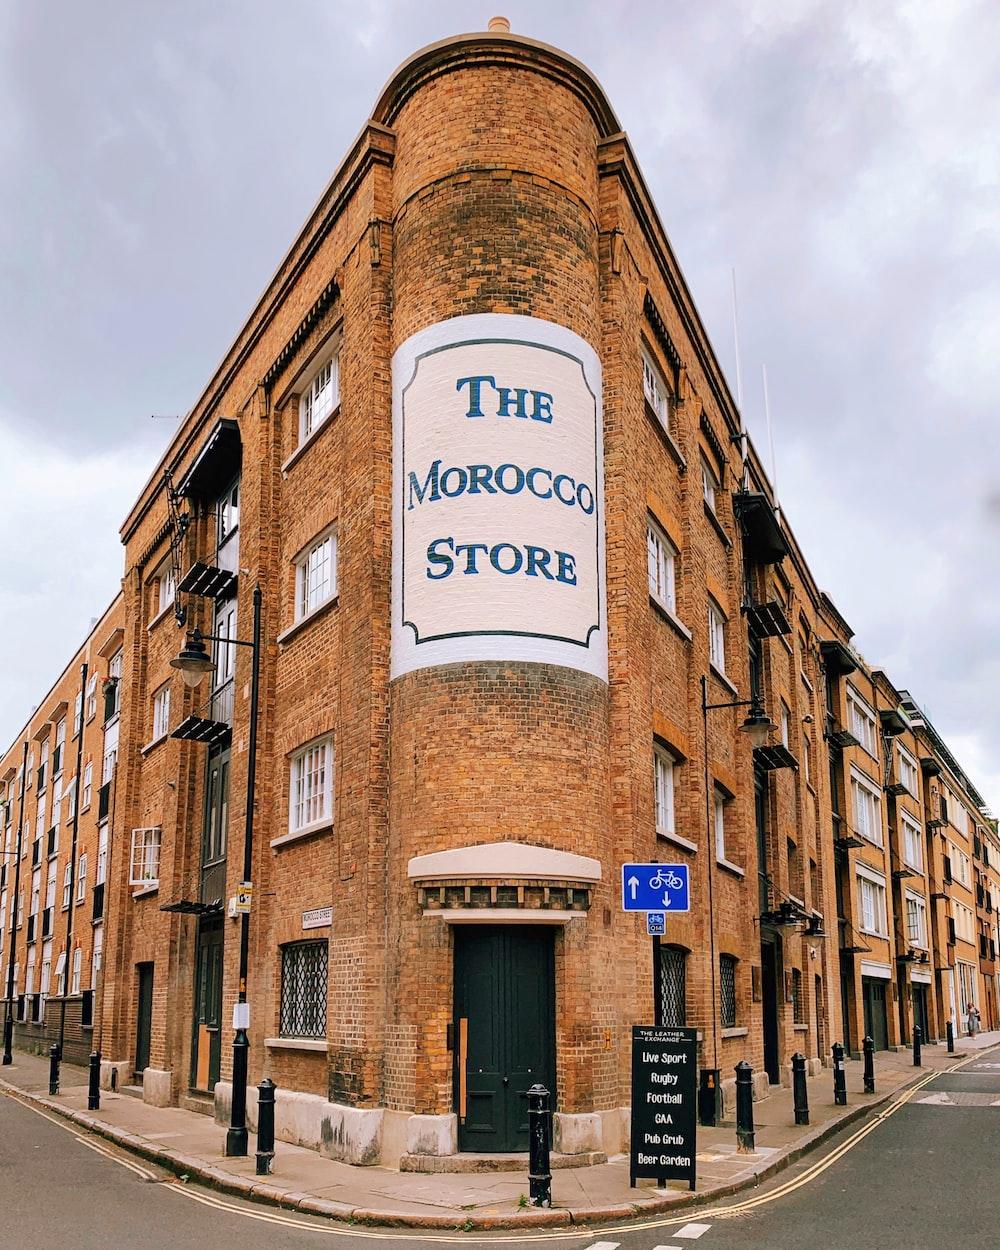 THe Morocco Store facade